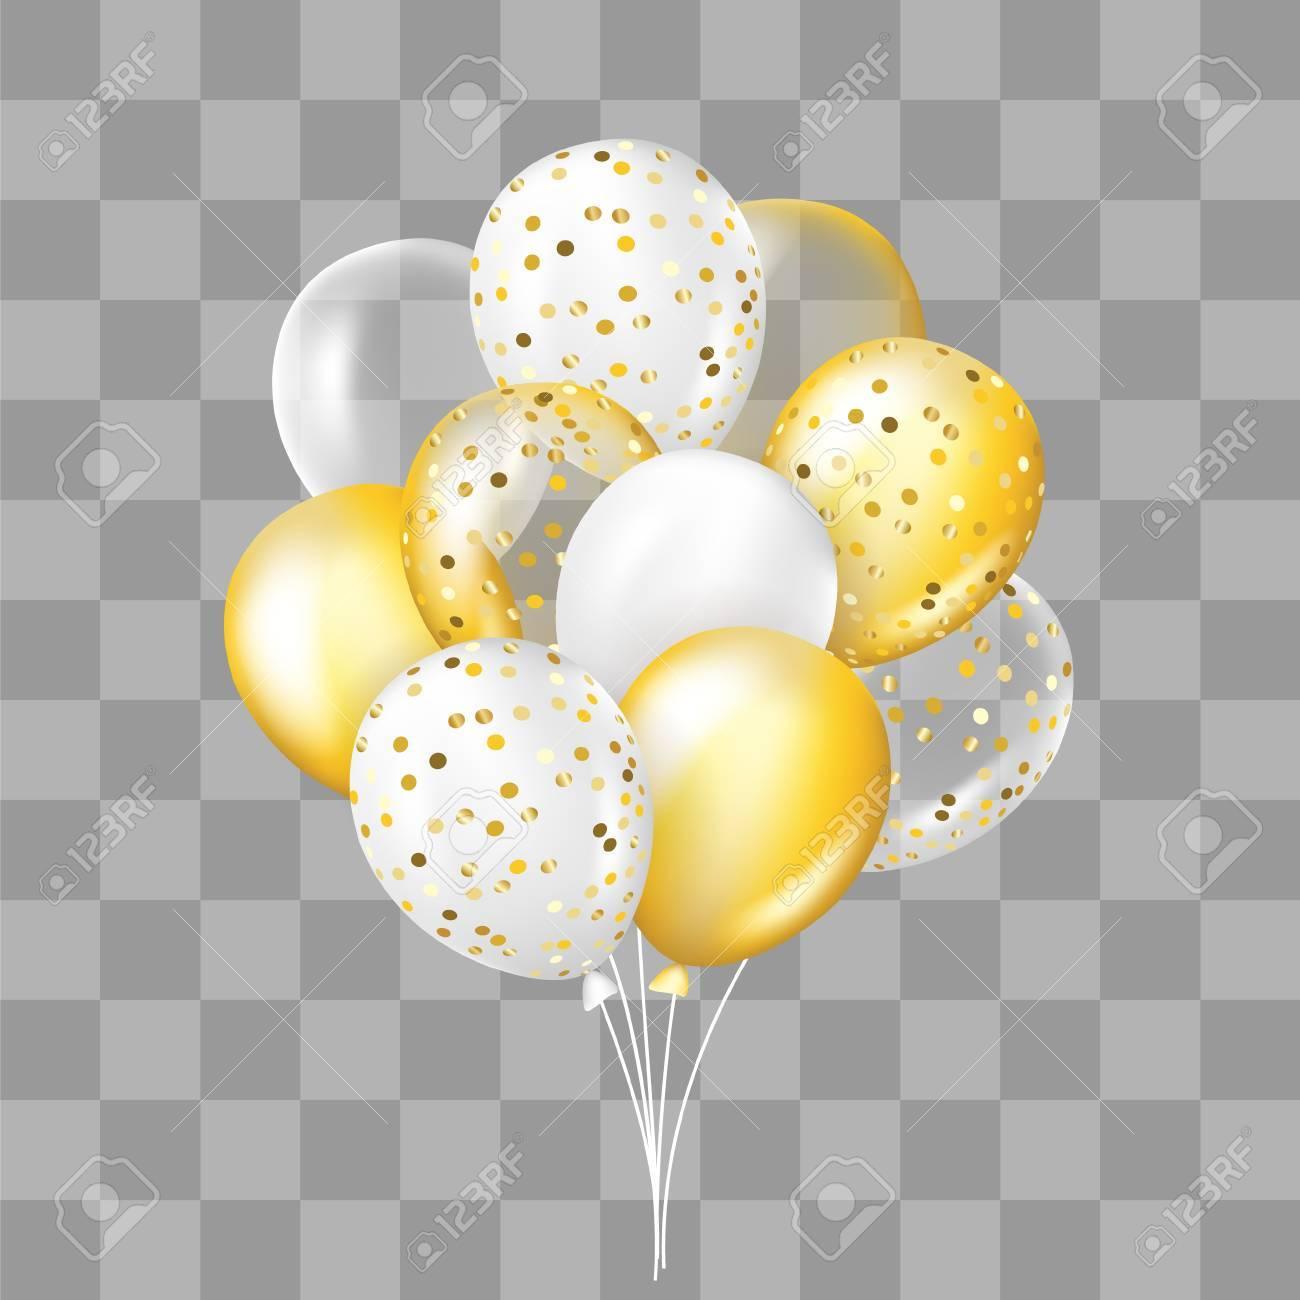 Blanco Y Dorado Transparente Y Con Globos De Confeti Decoraciones En Estilo Realista Para Cumpleaños Aniversario O Diseño De Fiesta